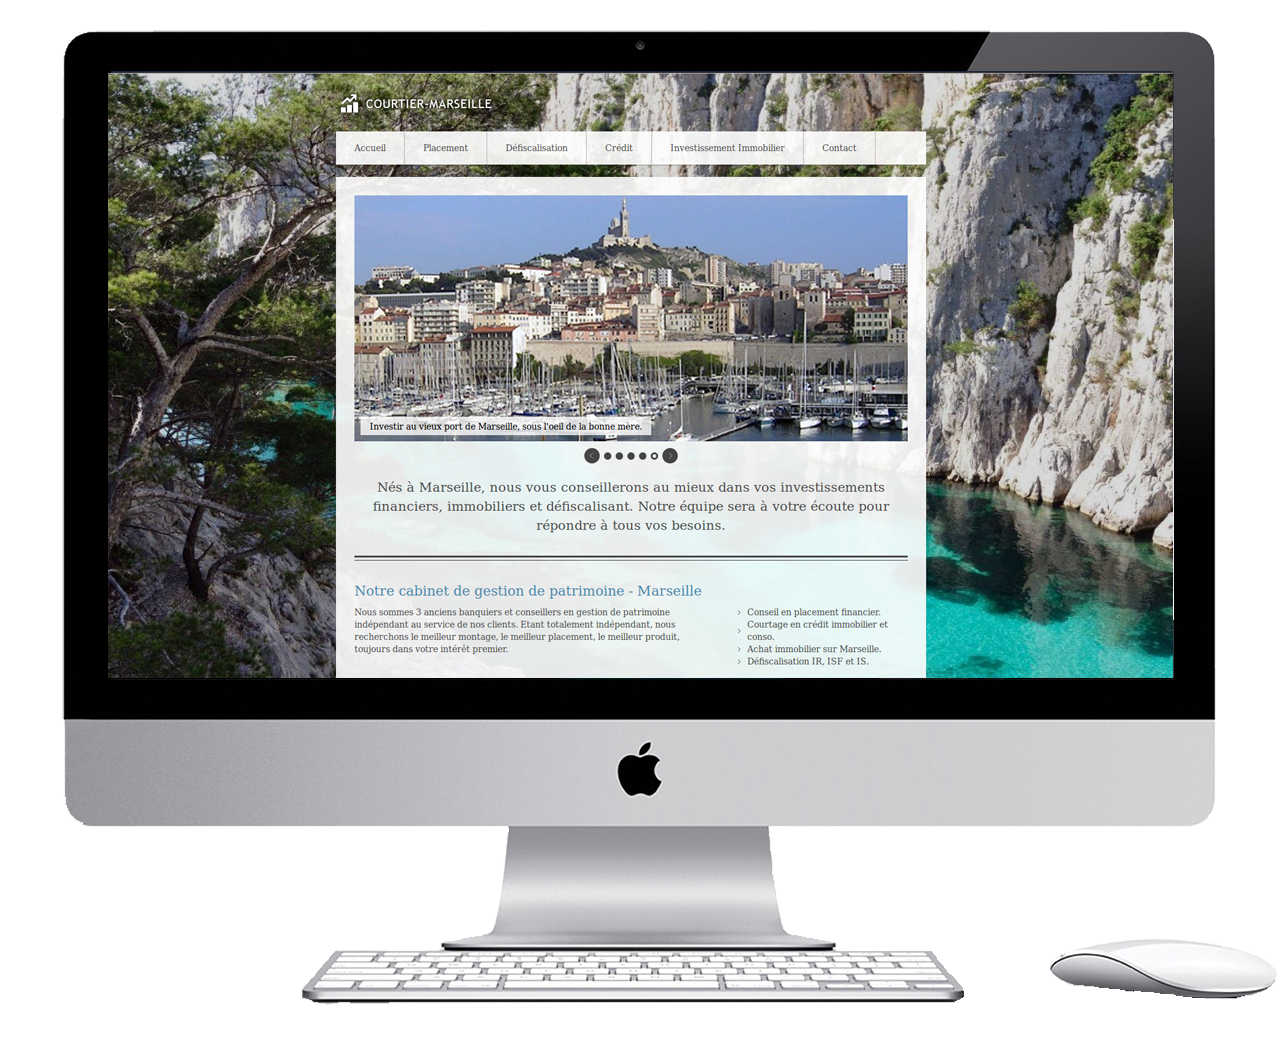 website broker in marseille search engine optimisation